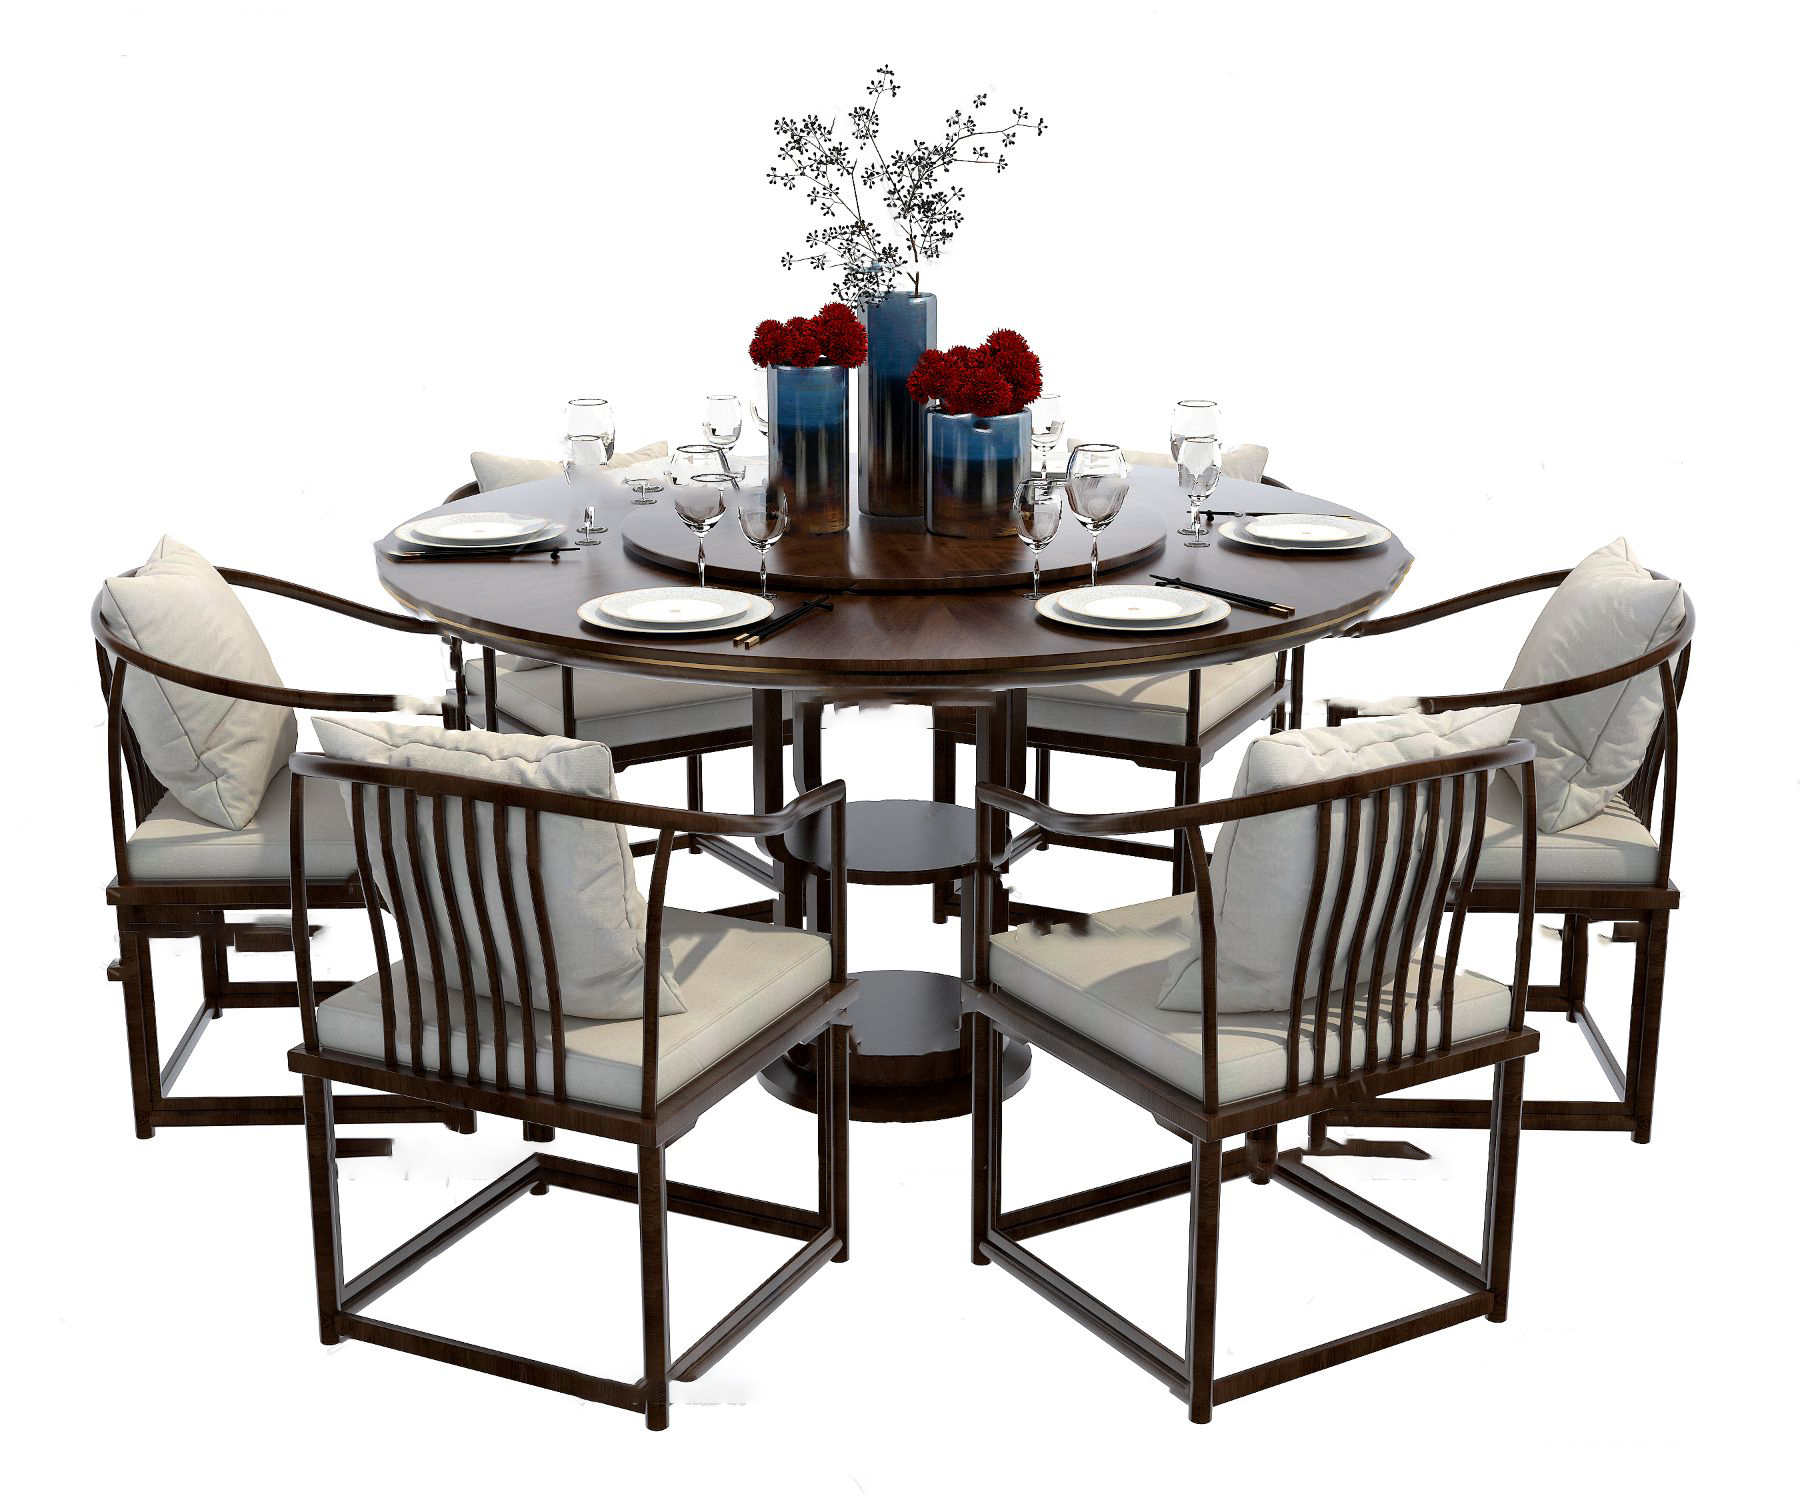 新中式实木圆形餐桌椅3D模型【ID:842180845】